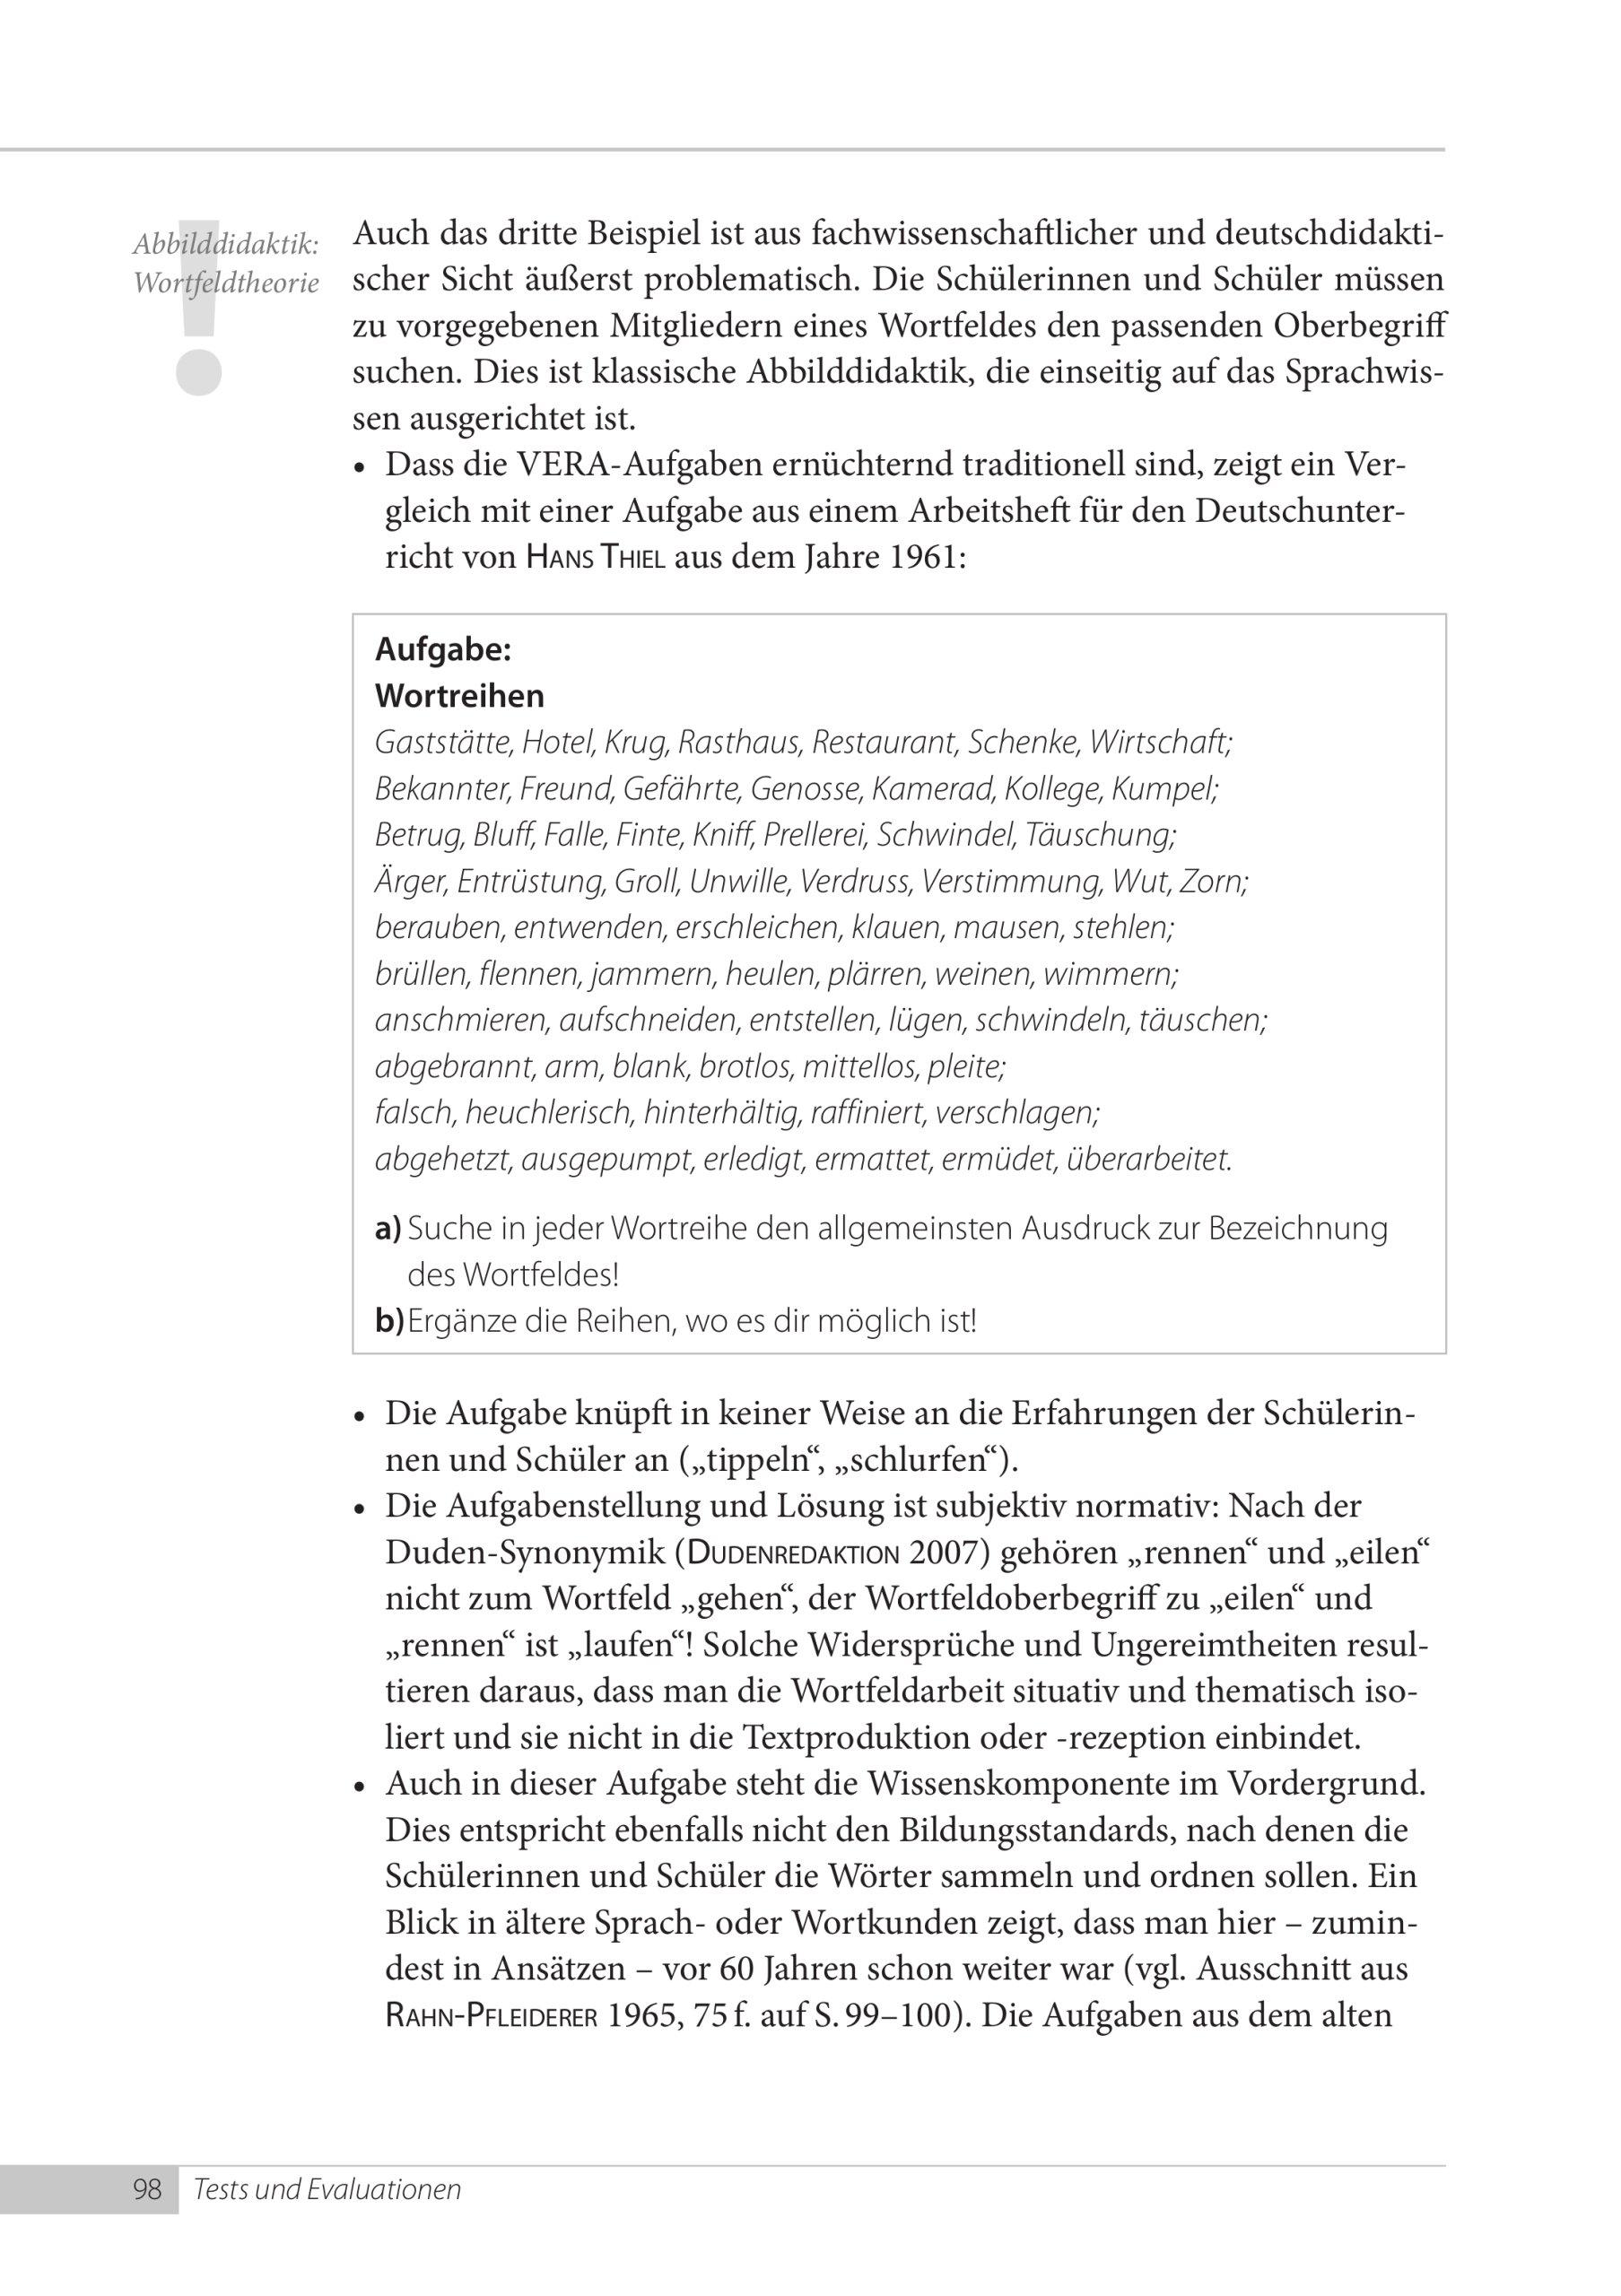 Klassische Stehlen sprache untersuchen und erforschen 9783589051519 amazon com books